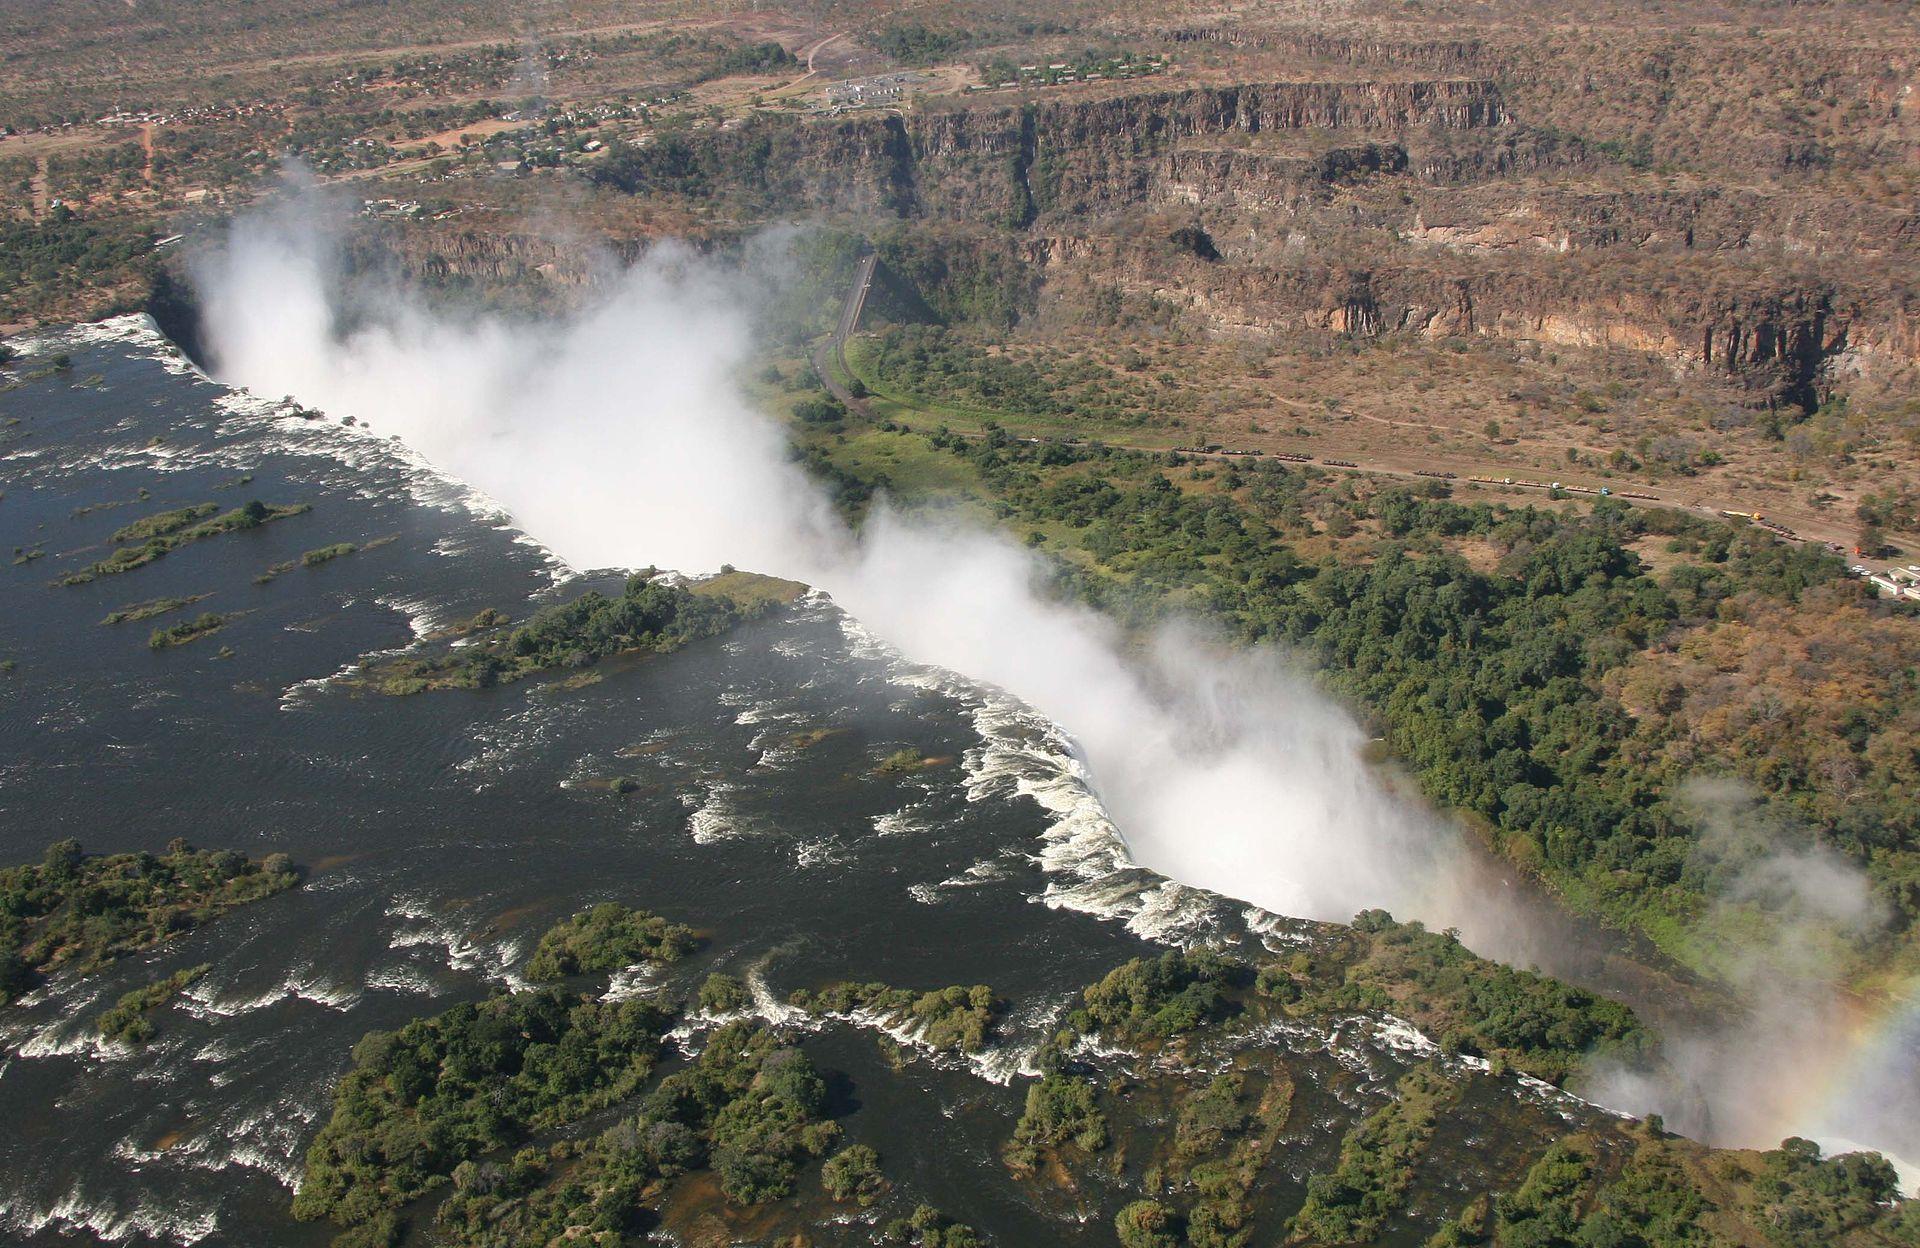 Victoria Falls Wikimedia Commons